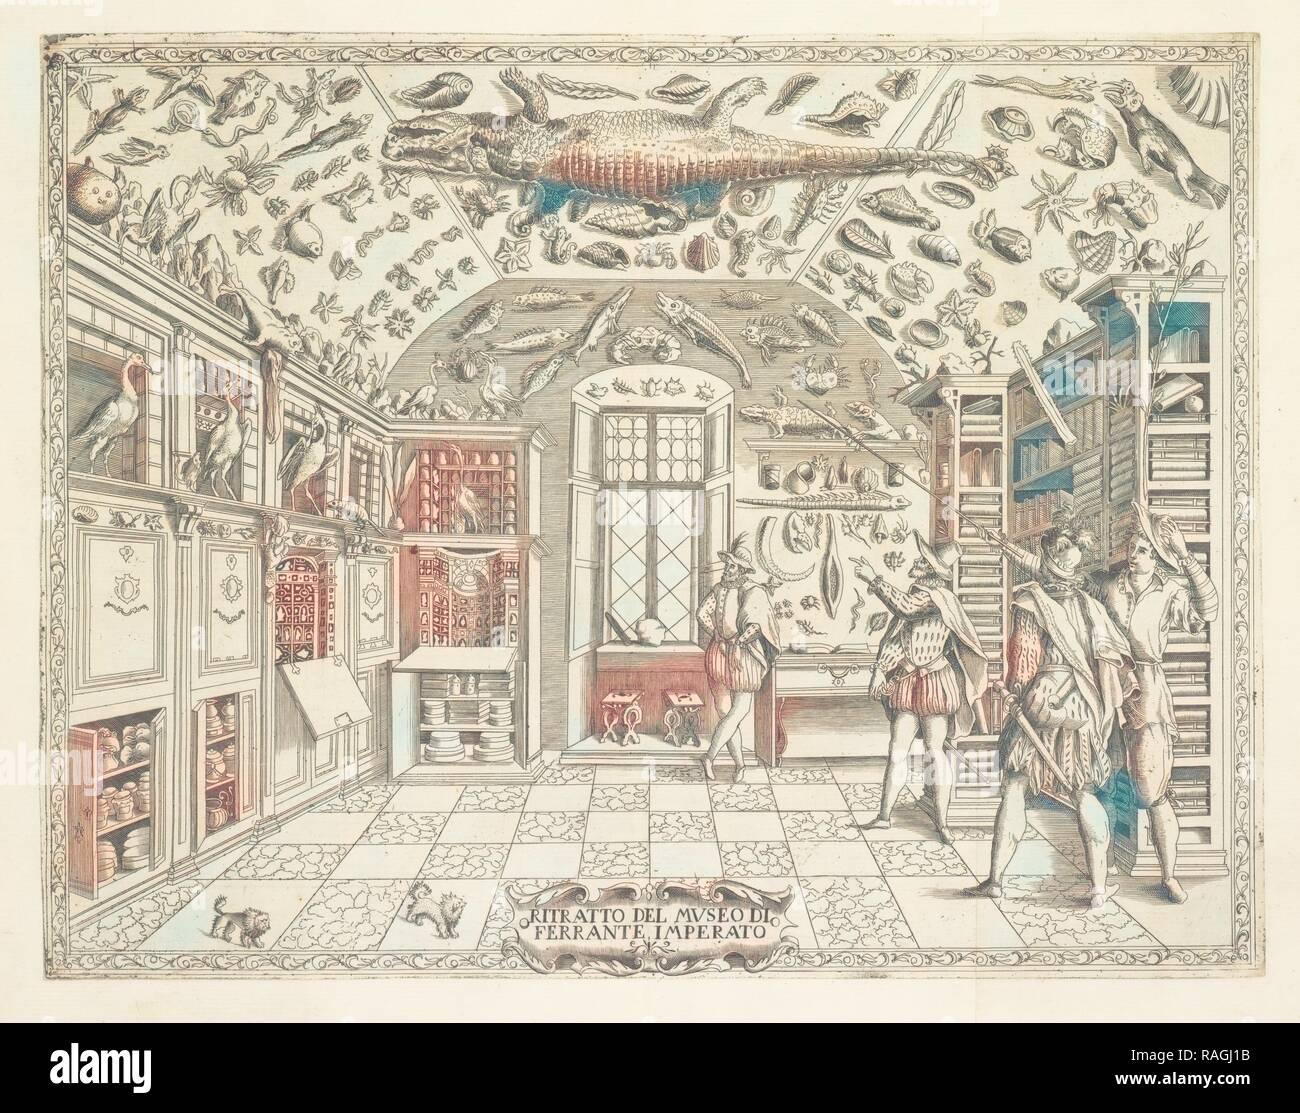 Ritratto del Museo di Ferrante Imperato, Historia natvrale, Imperato, Ferrante, 1550-1625, Copperplate engraving reimagined - Stock Image